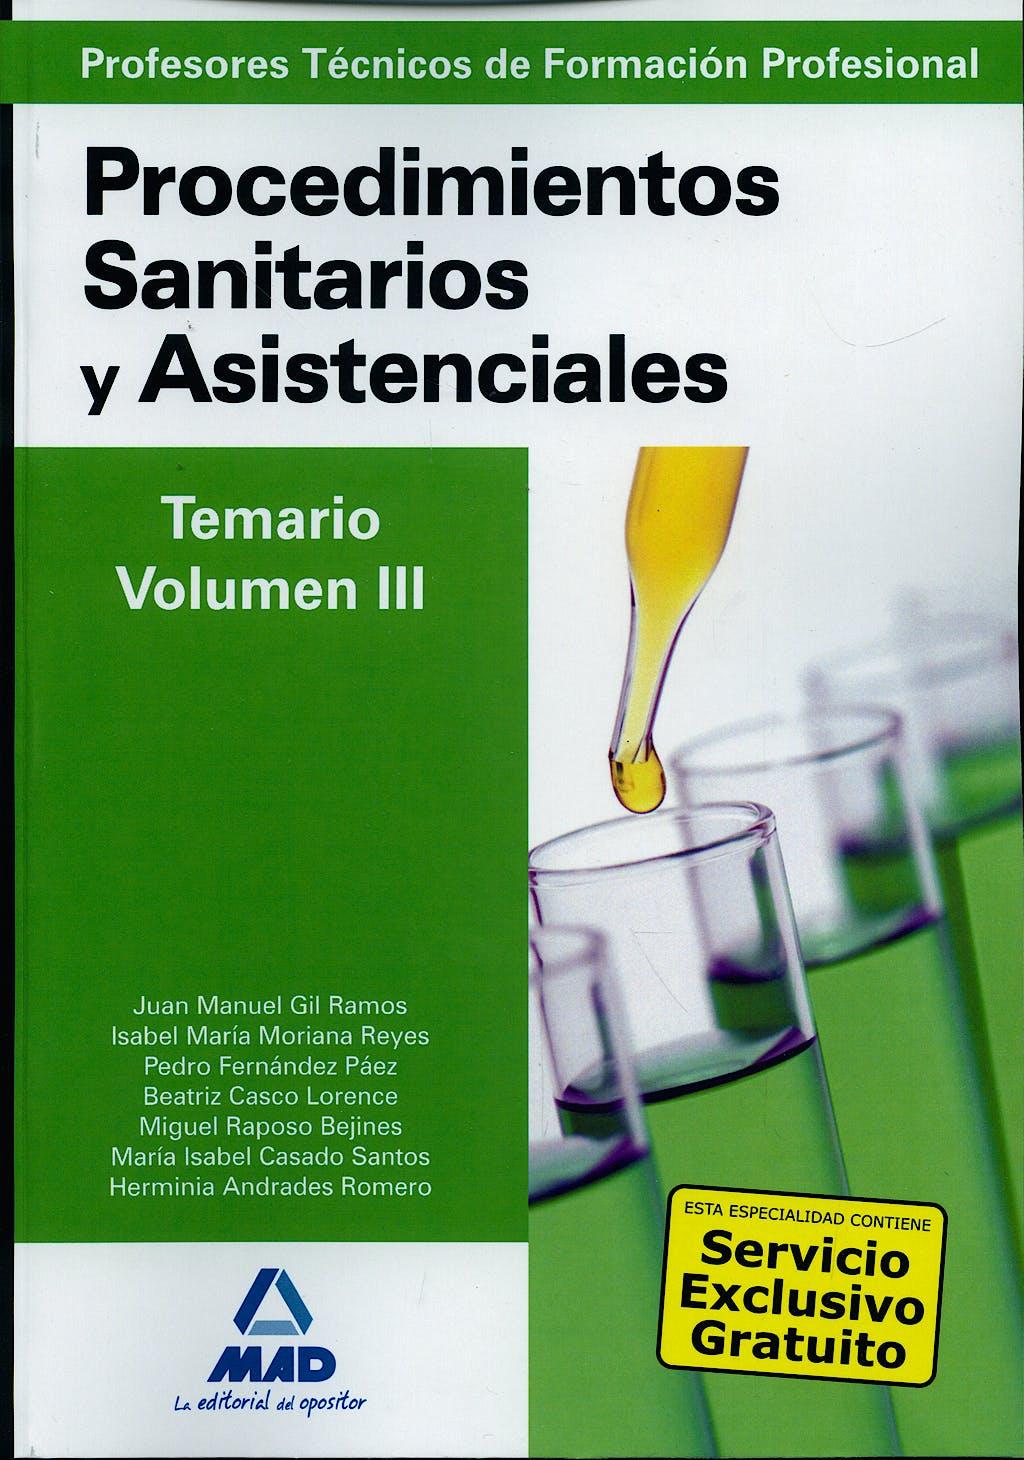 Portada del libro 9788467617290 Profesores Técnicos de Formación Profesional. Procedimientos Sanitarios y Asistenciales. Temario, Vol. III